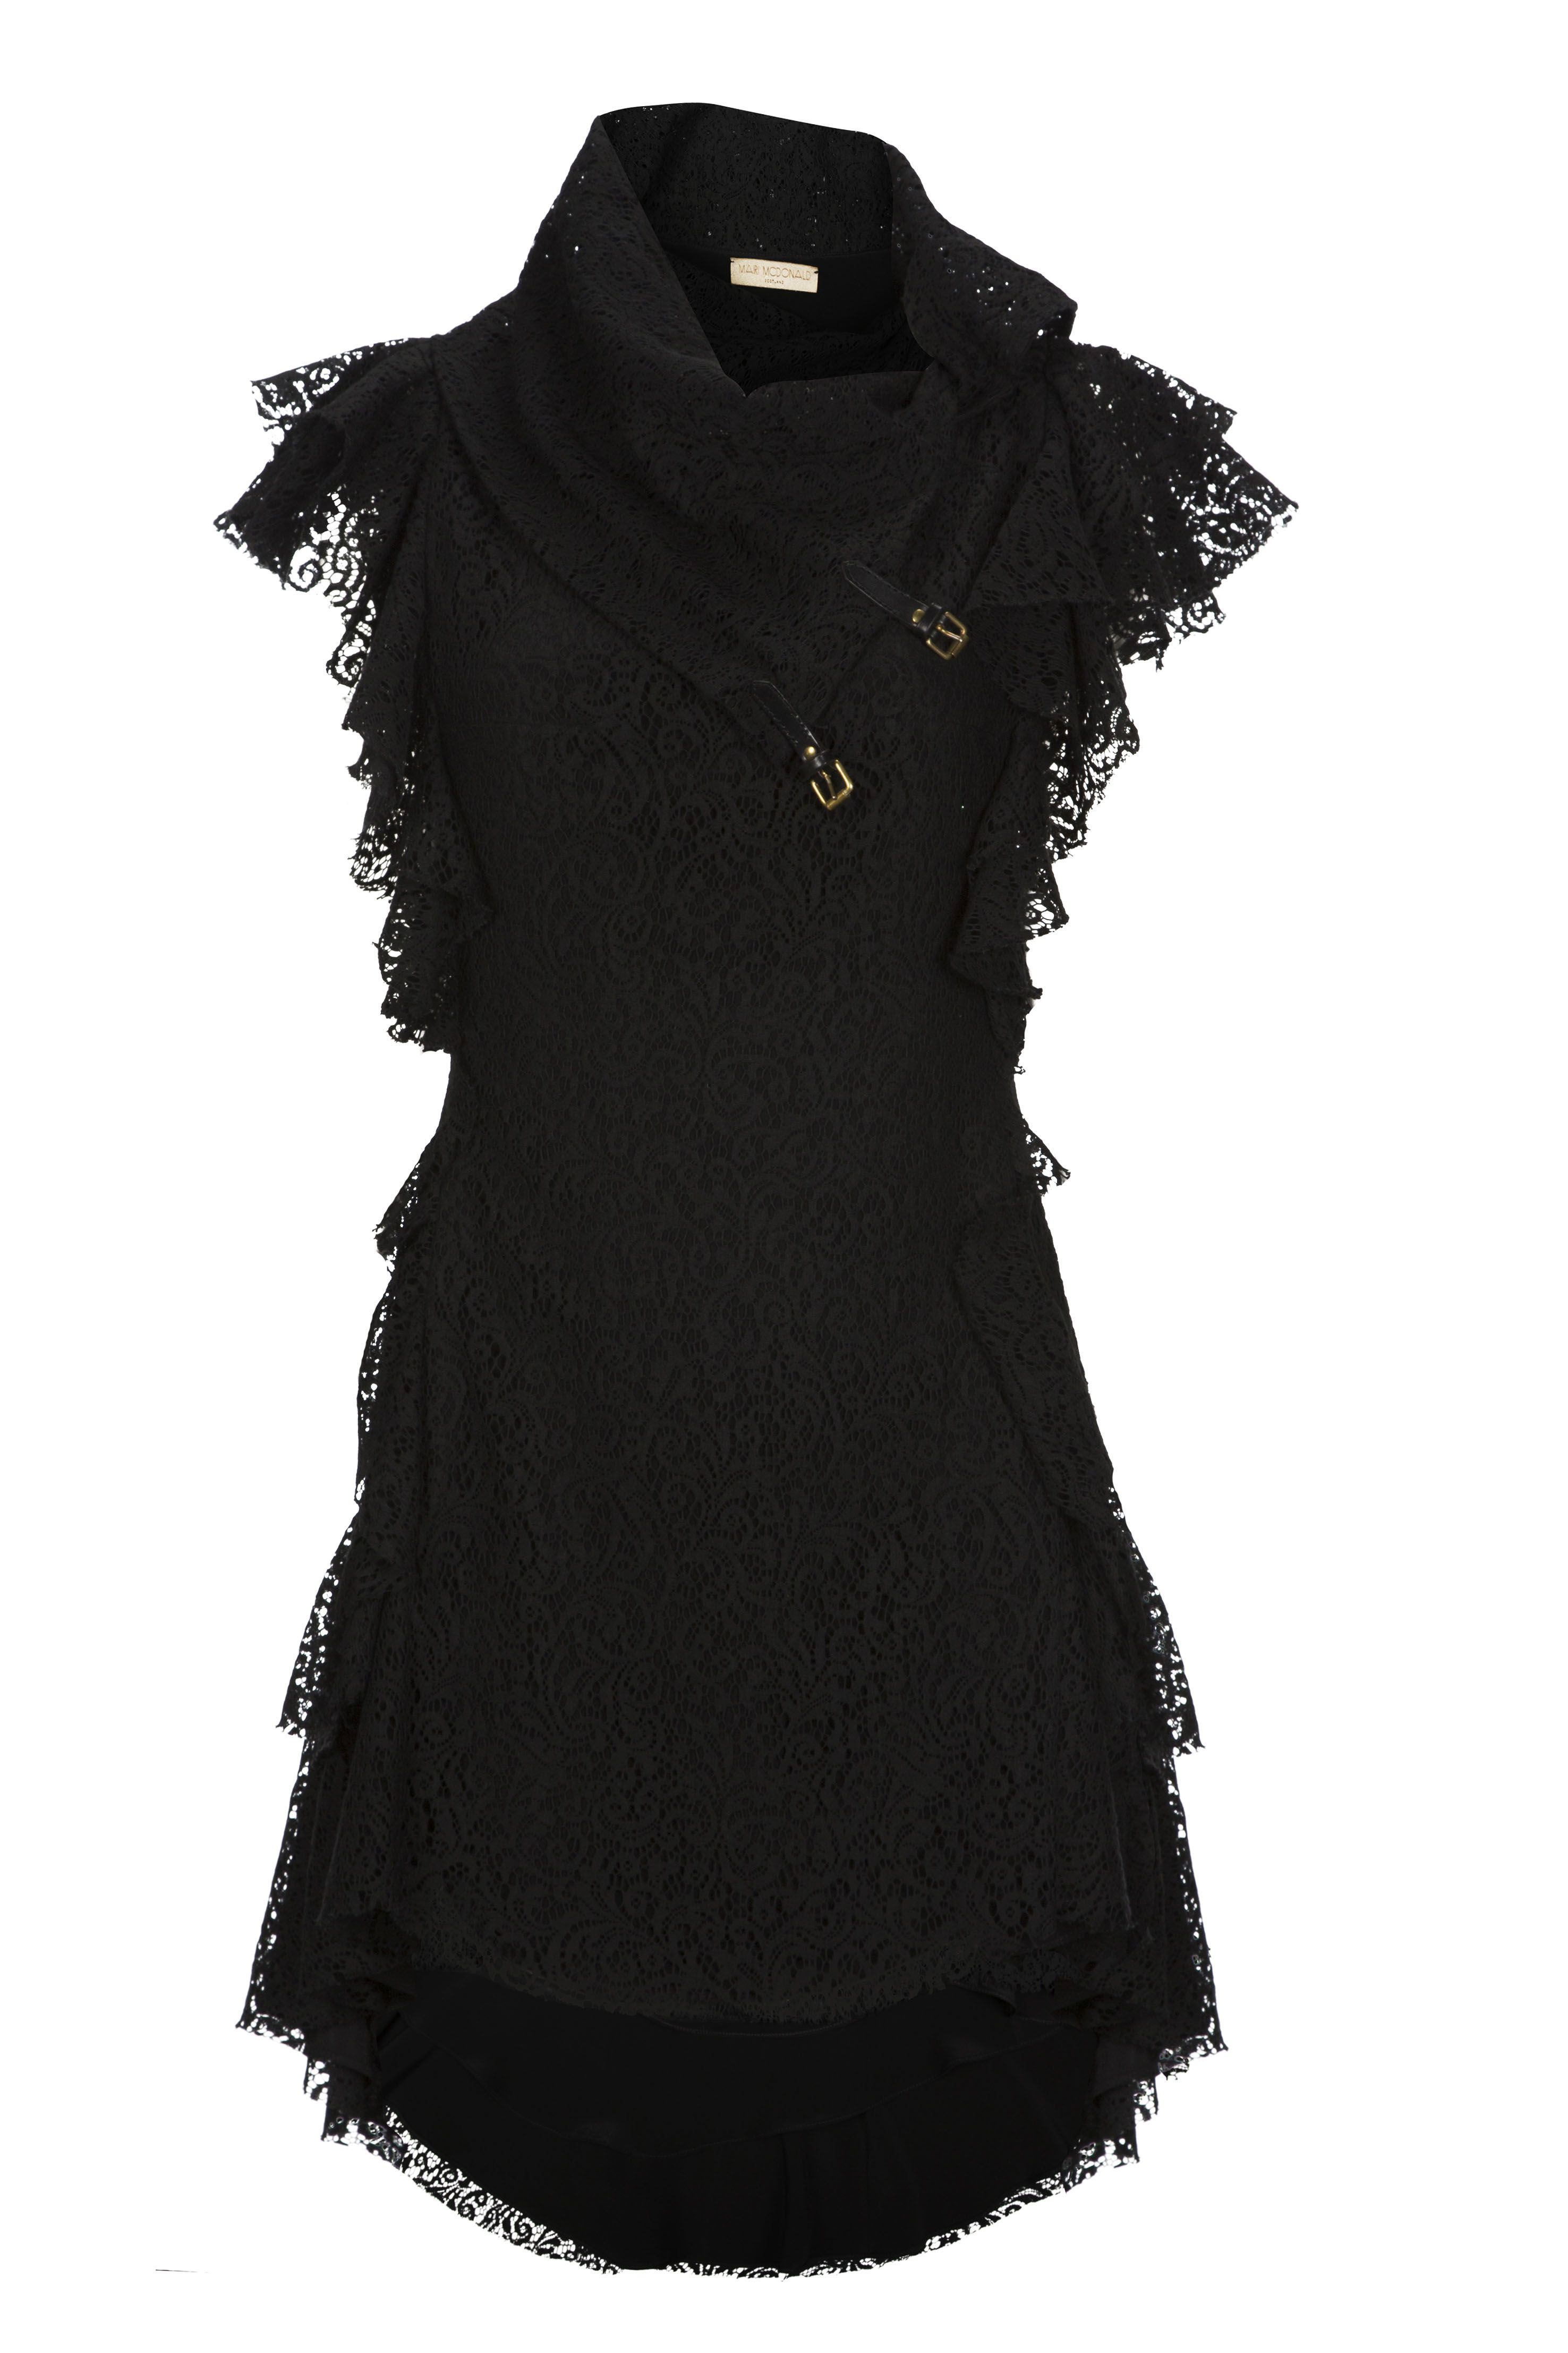 Lace Zappa Pinterest Dress Dresses Fashion And dArATq